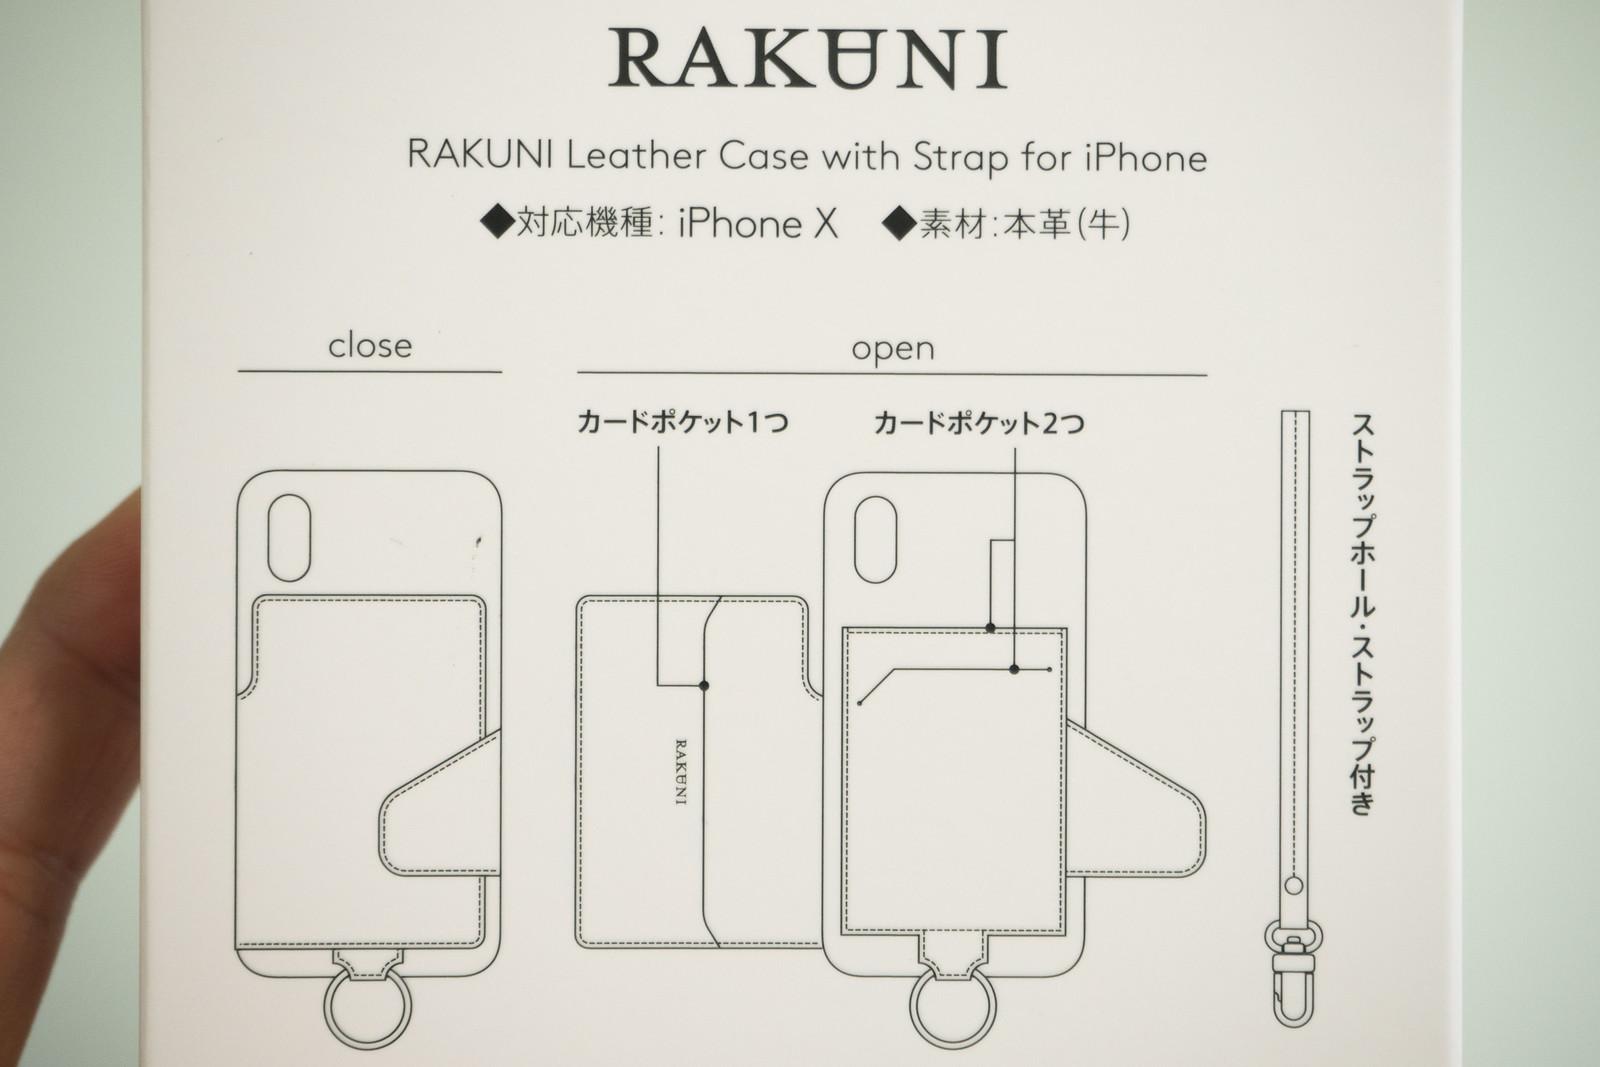 RAKUNI_iPhoneX-2